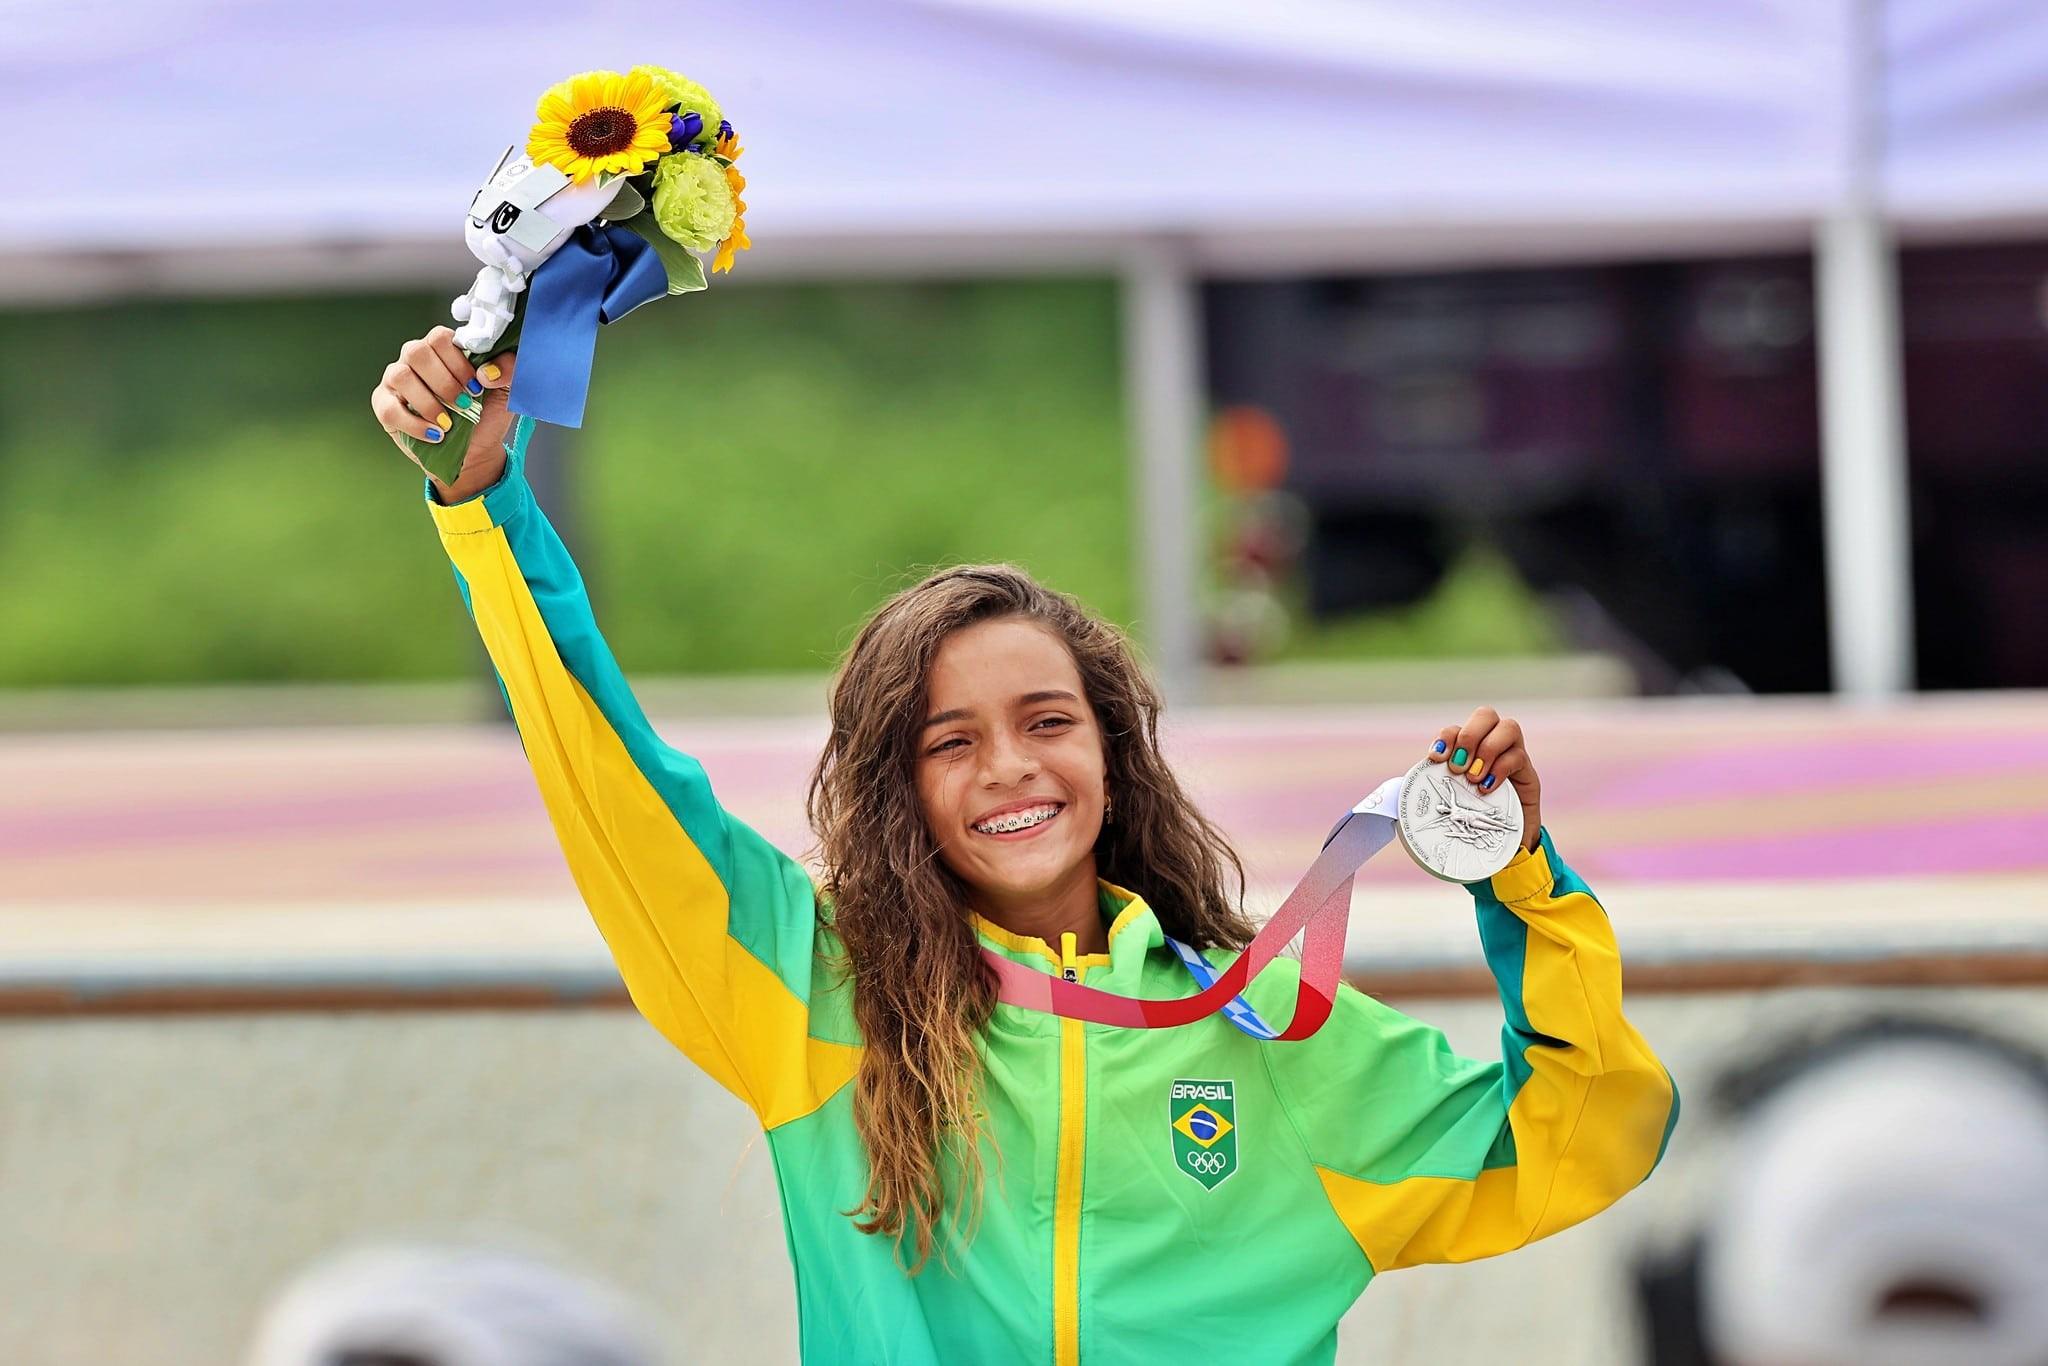 Aos 13 anos, Rayssa Leal, a Fadinha do skate, faturou a medalha de prata na estreia da modalidade nas Olimpíadas (Foto: Breno Barros/rededoesporte.gov.br)